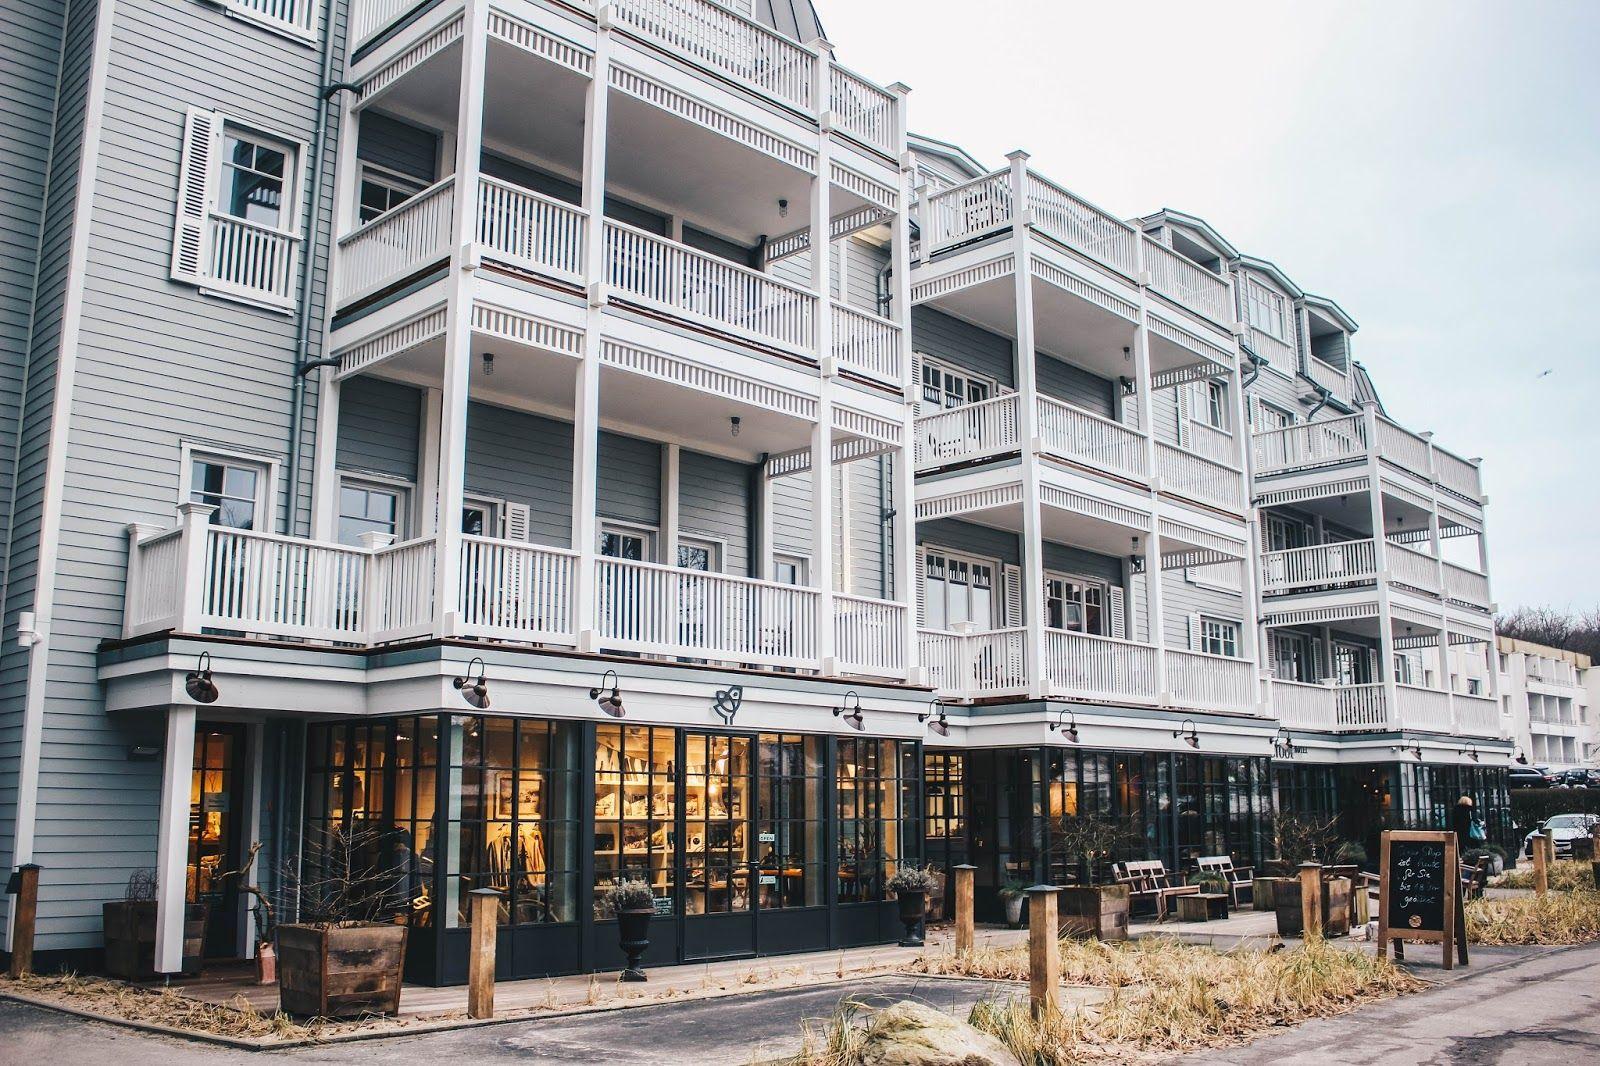 Hotel Barefoot By Til Schweiger